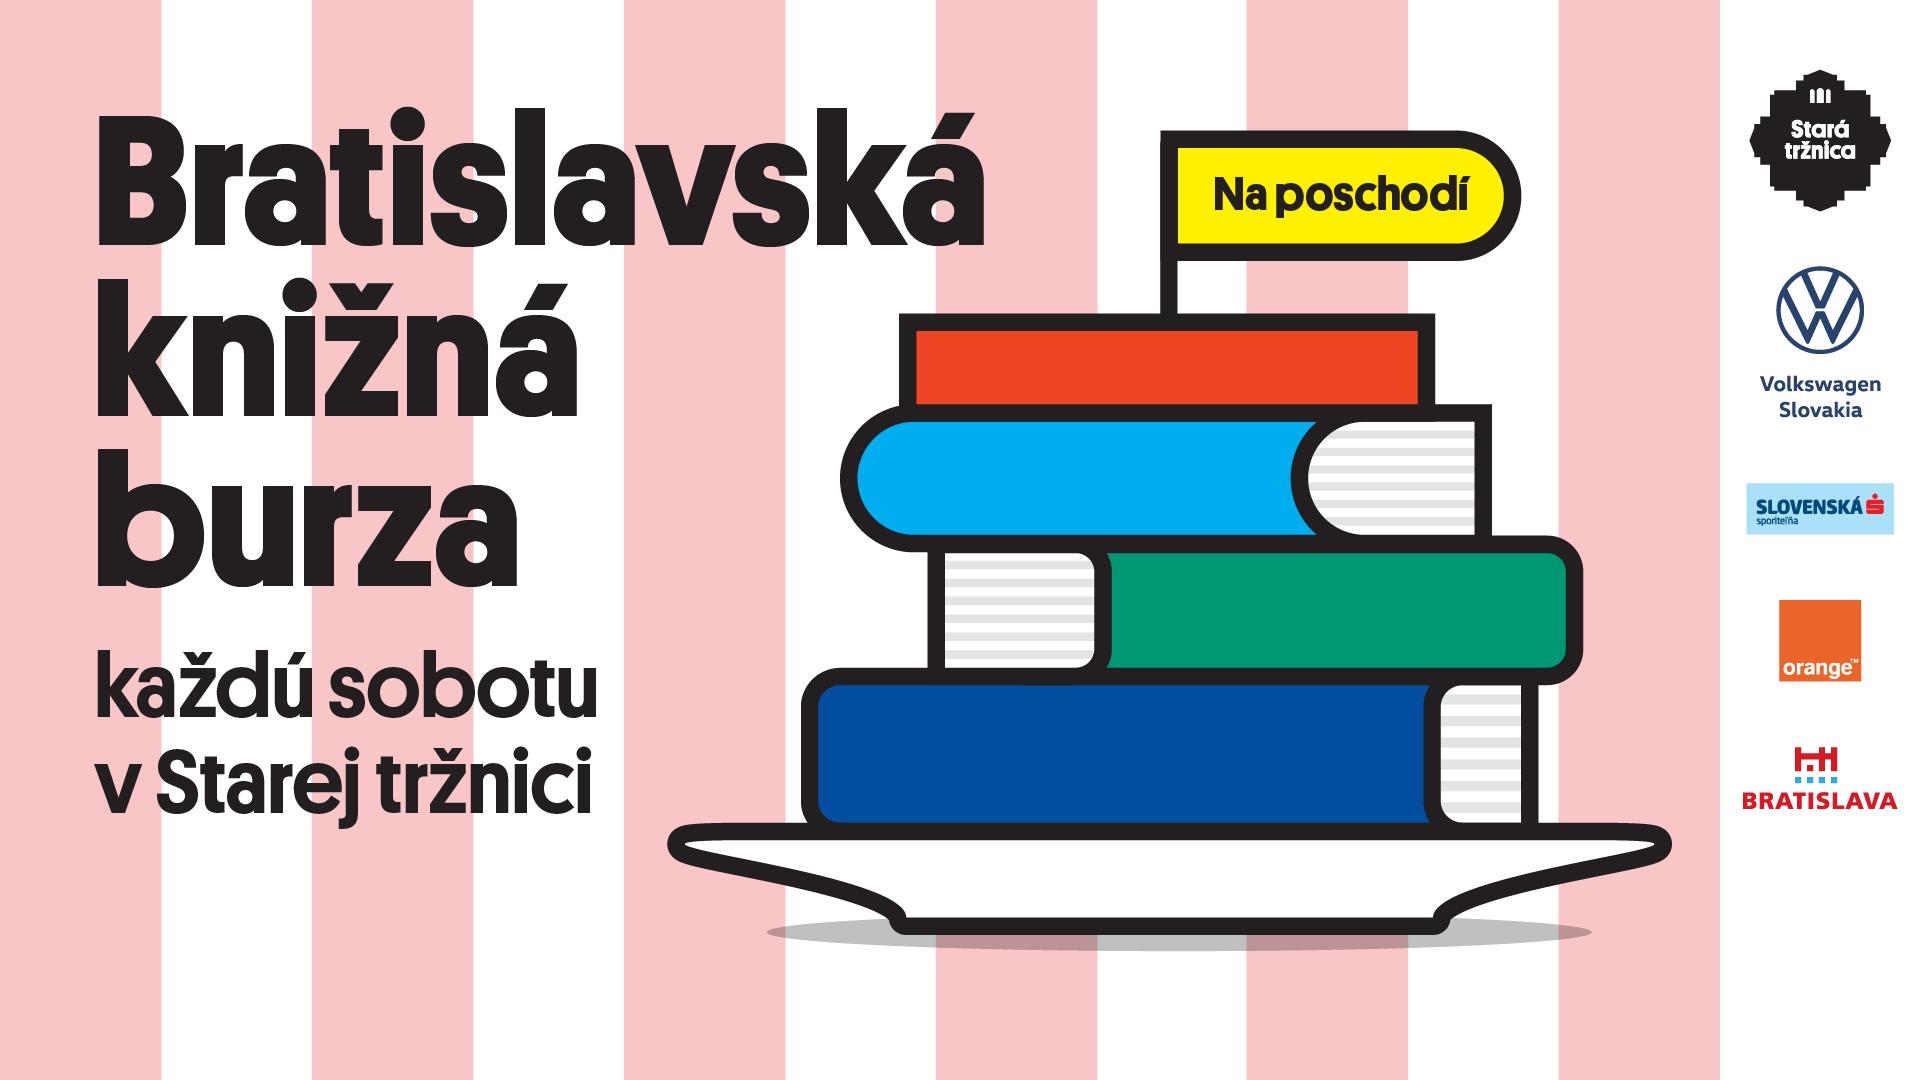 Bratislavská knižná burza 2020 Stará tržnica